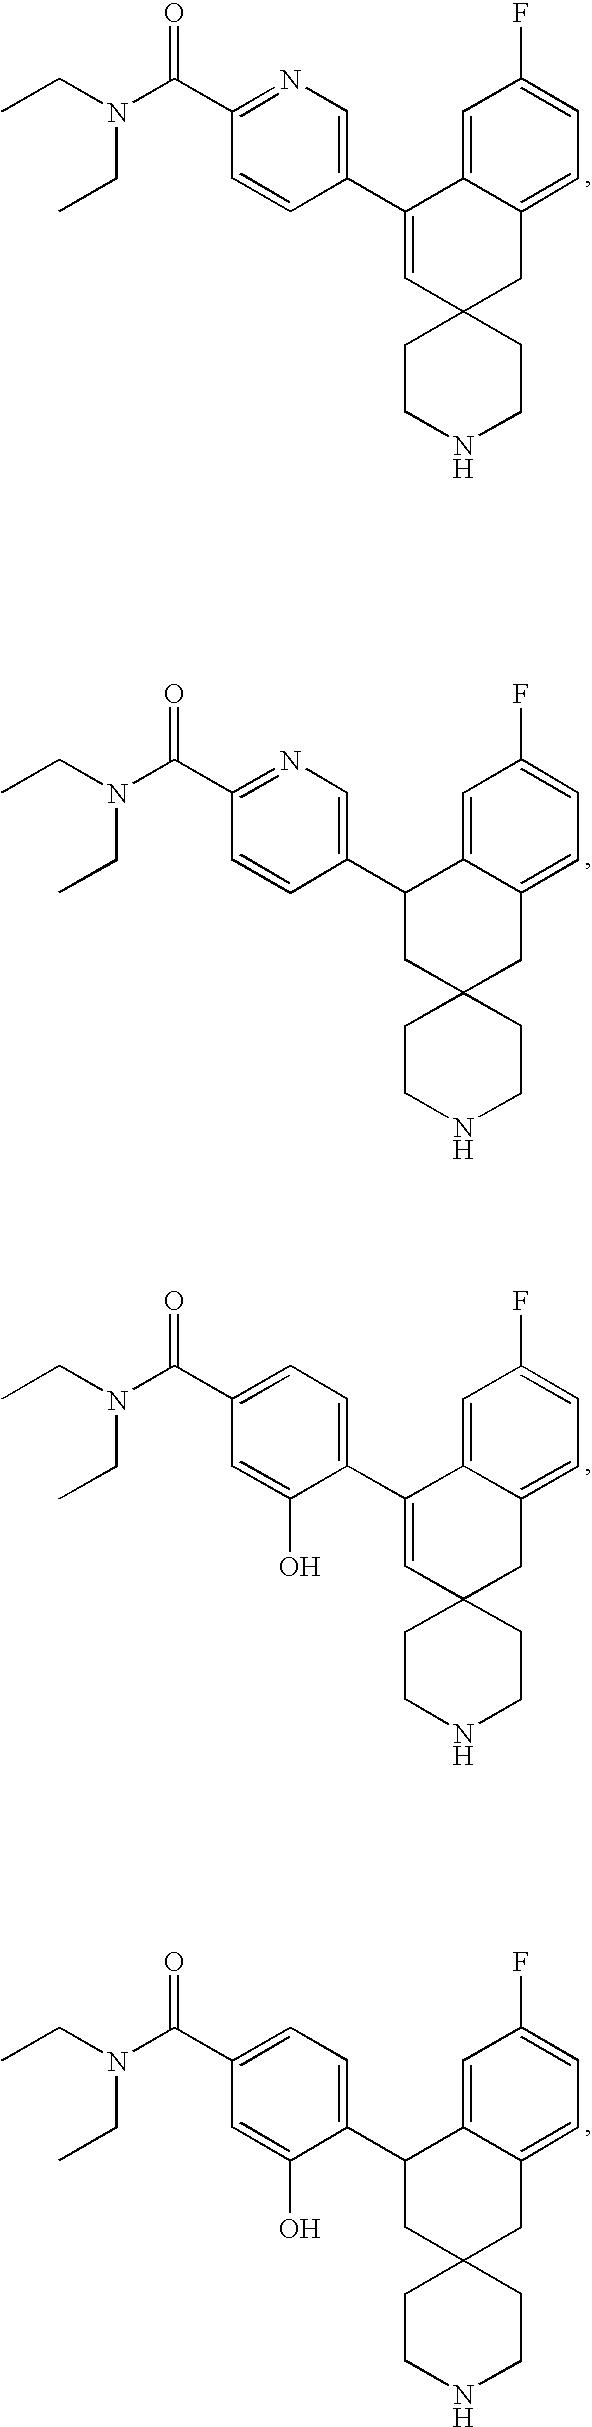 Figure US07598261-20091006-C00056